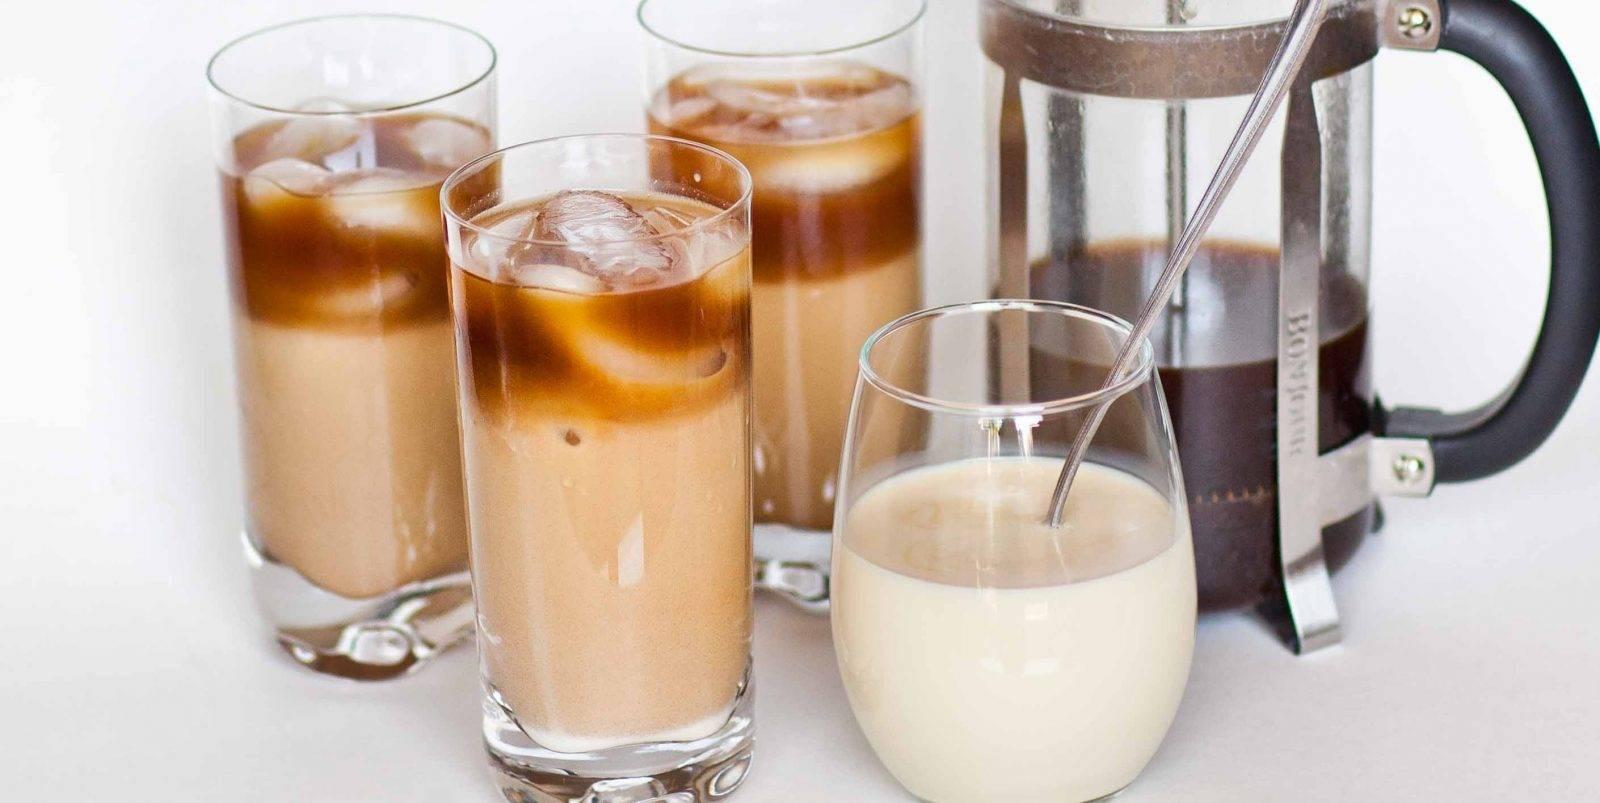 Что такое кофе лунго и как его готовить